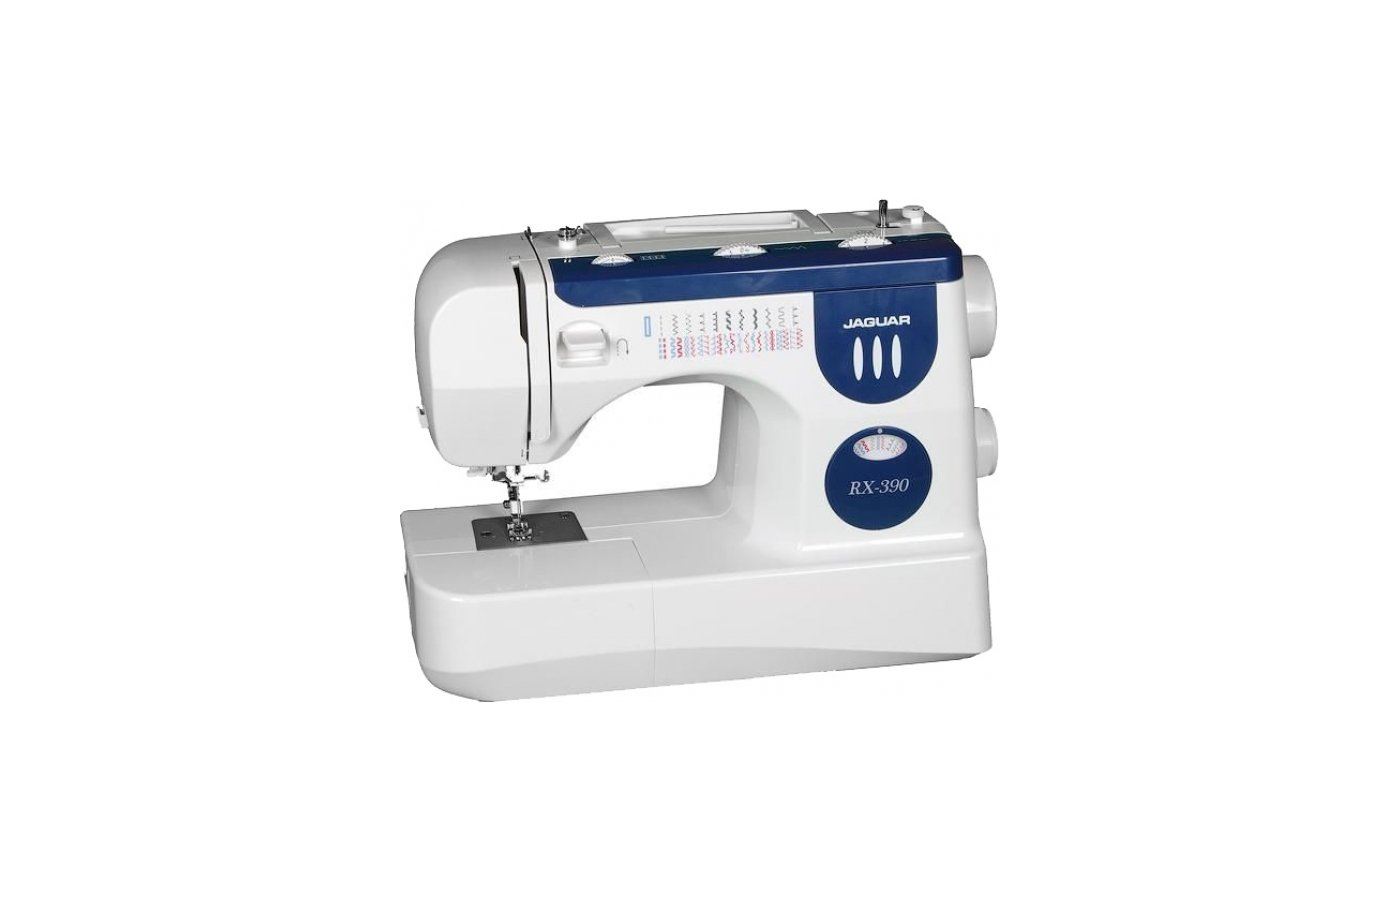 Швейная машина JAGUAR RX 390